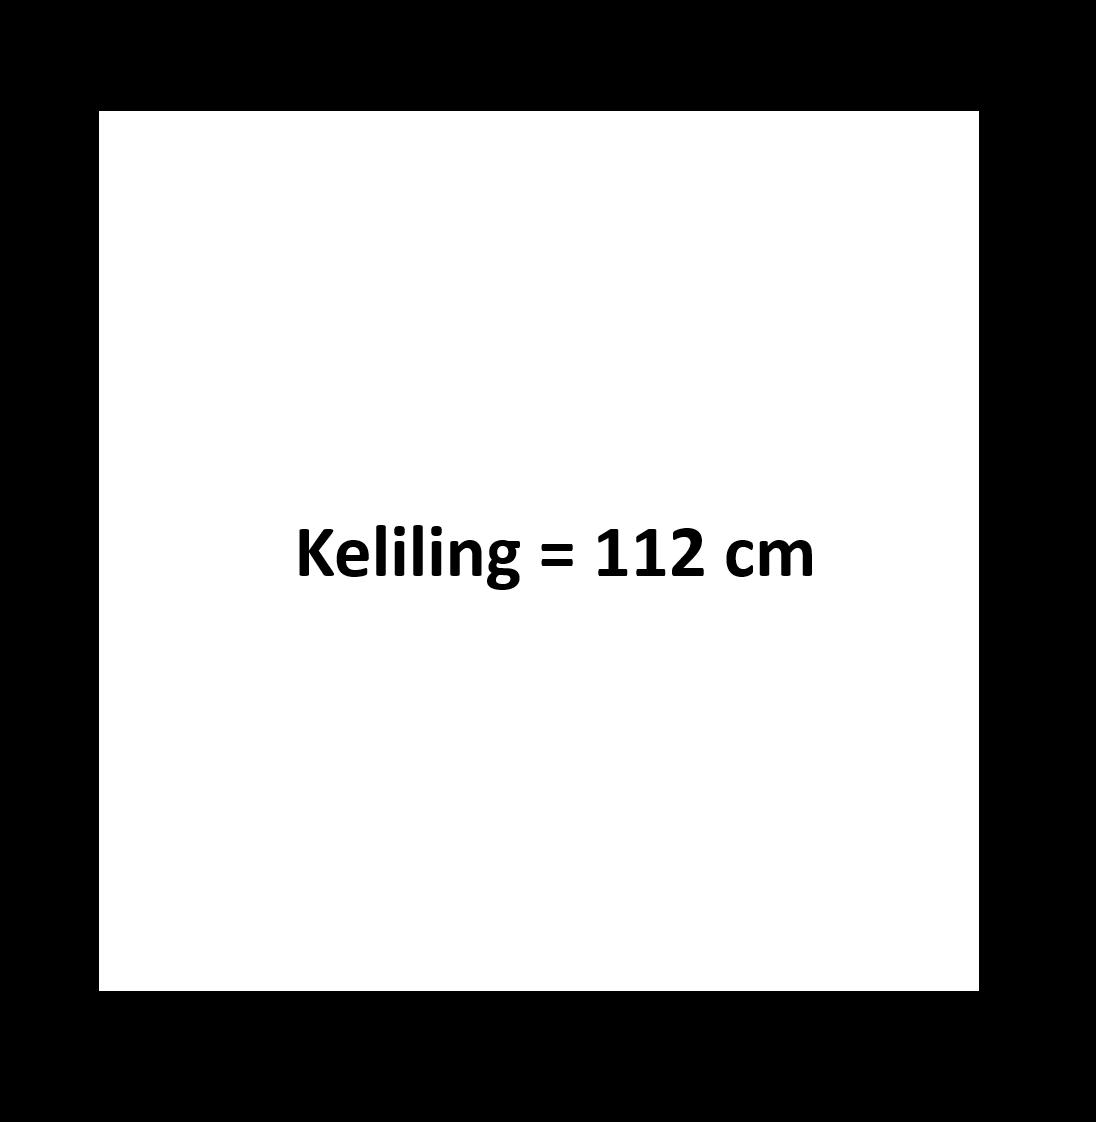 Gambar keliling Persegi 112 cm